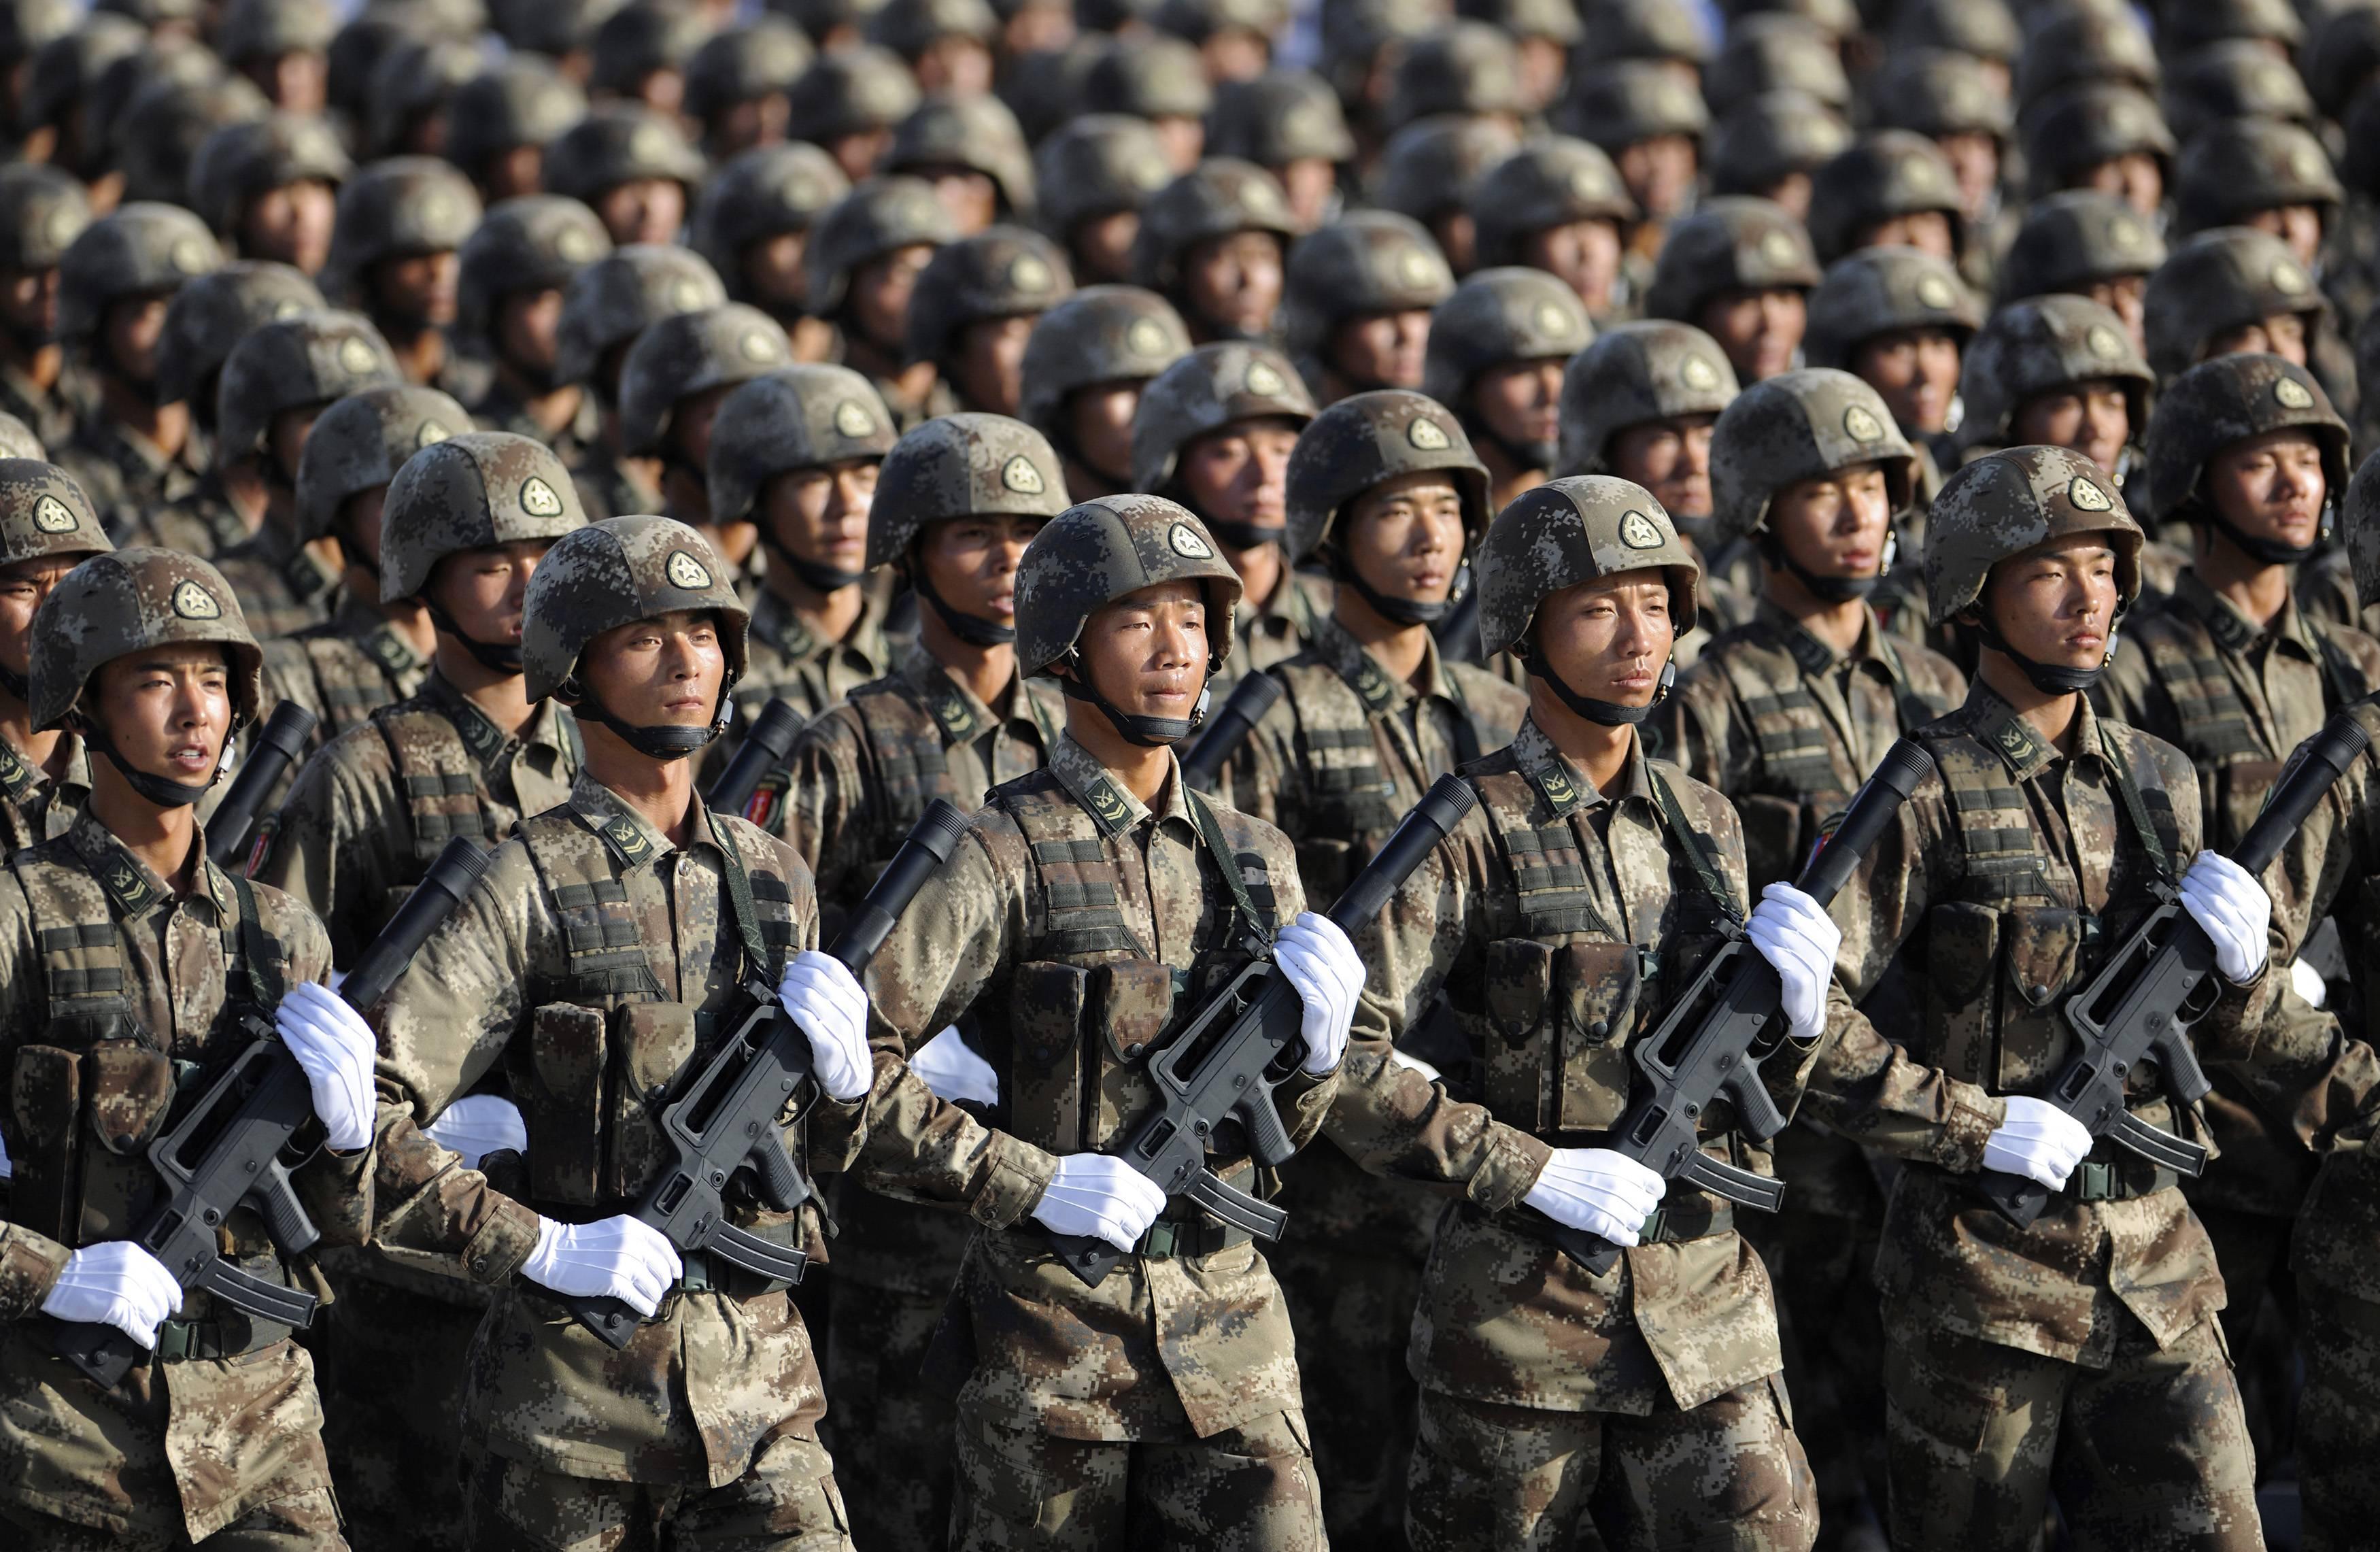 Cina: aumento del 7% delle spese militari